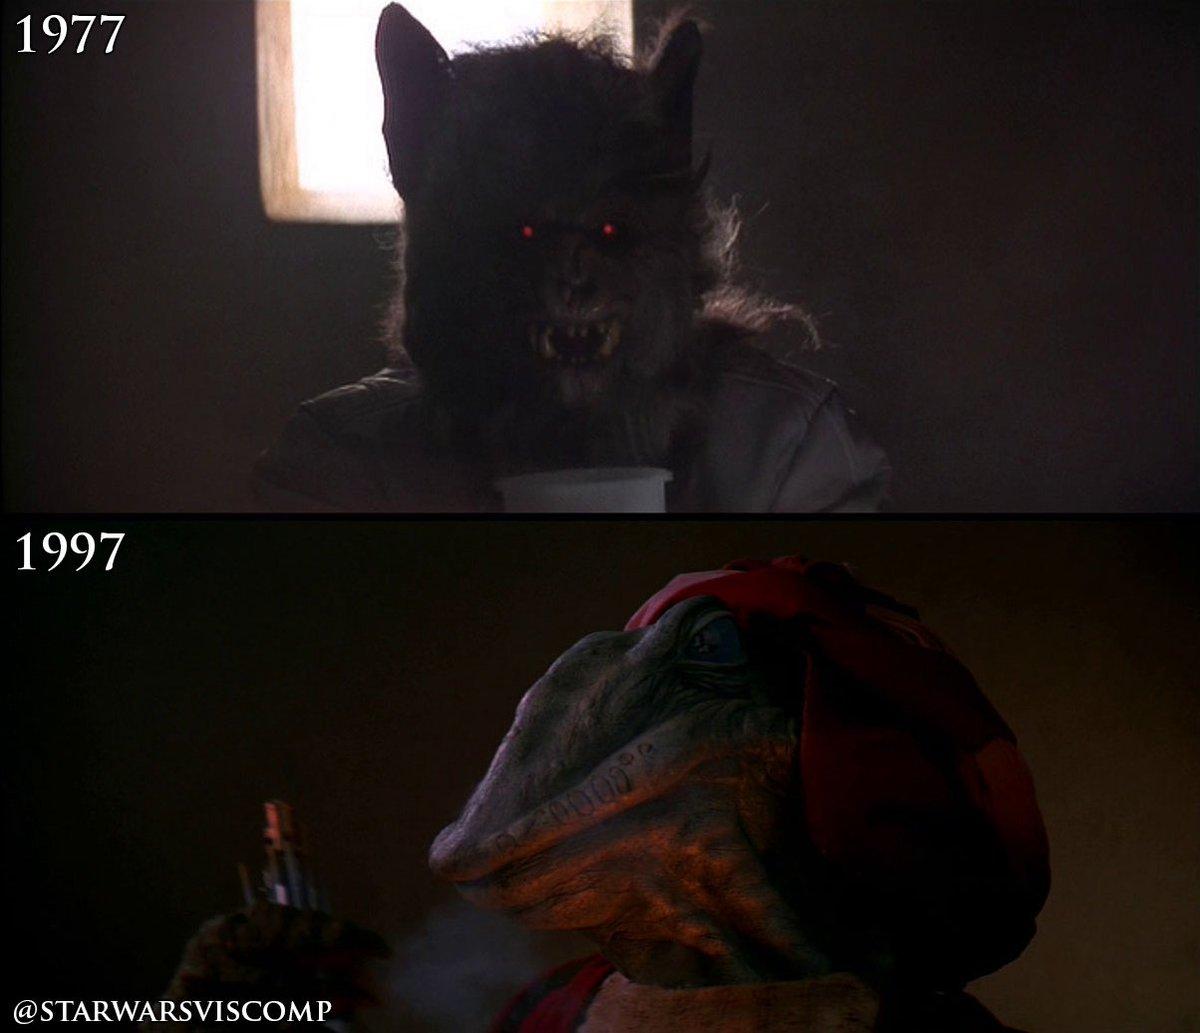 Star Wars Comparison On Twitter This Bat Demon Wolfman